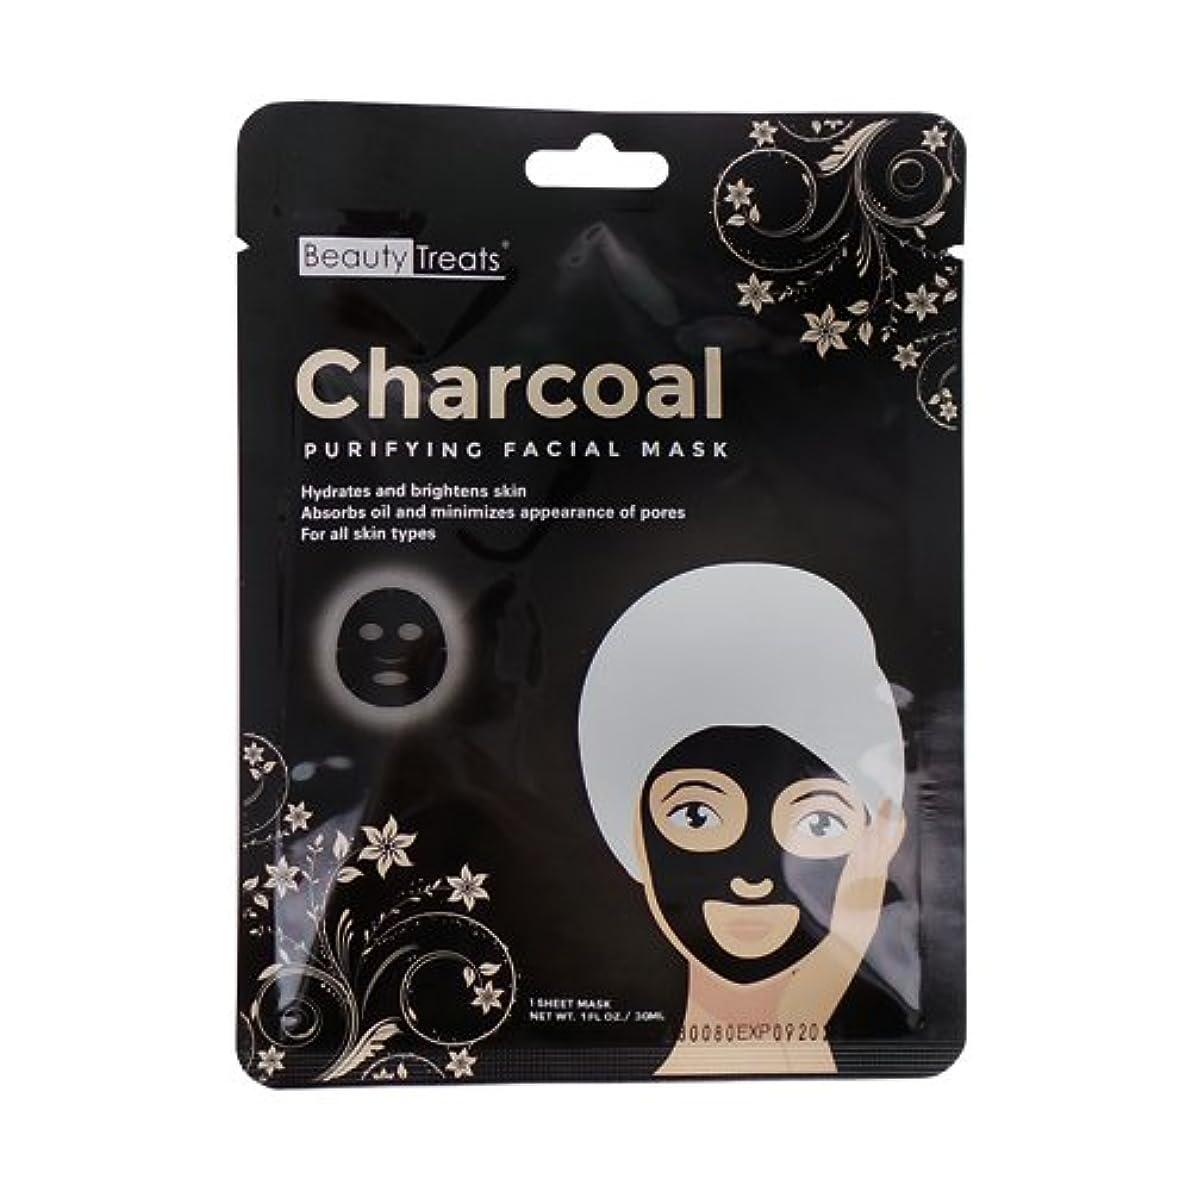 スプーンペダル取得(6 Pack) BEAUTY TREATS Charcoal Purifying Facial Mask (並行輸入品)